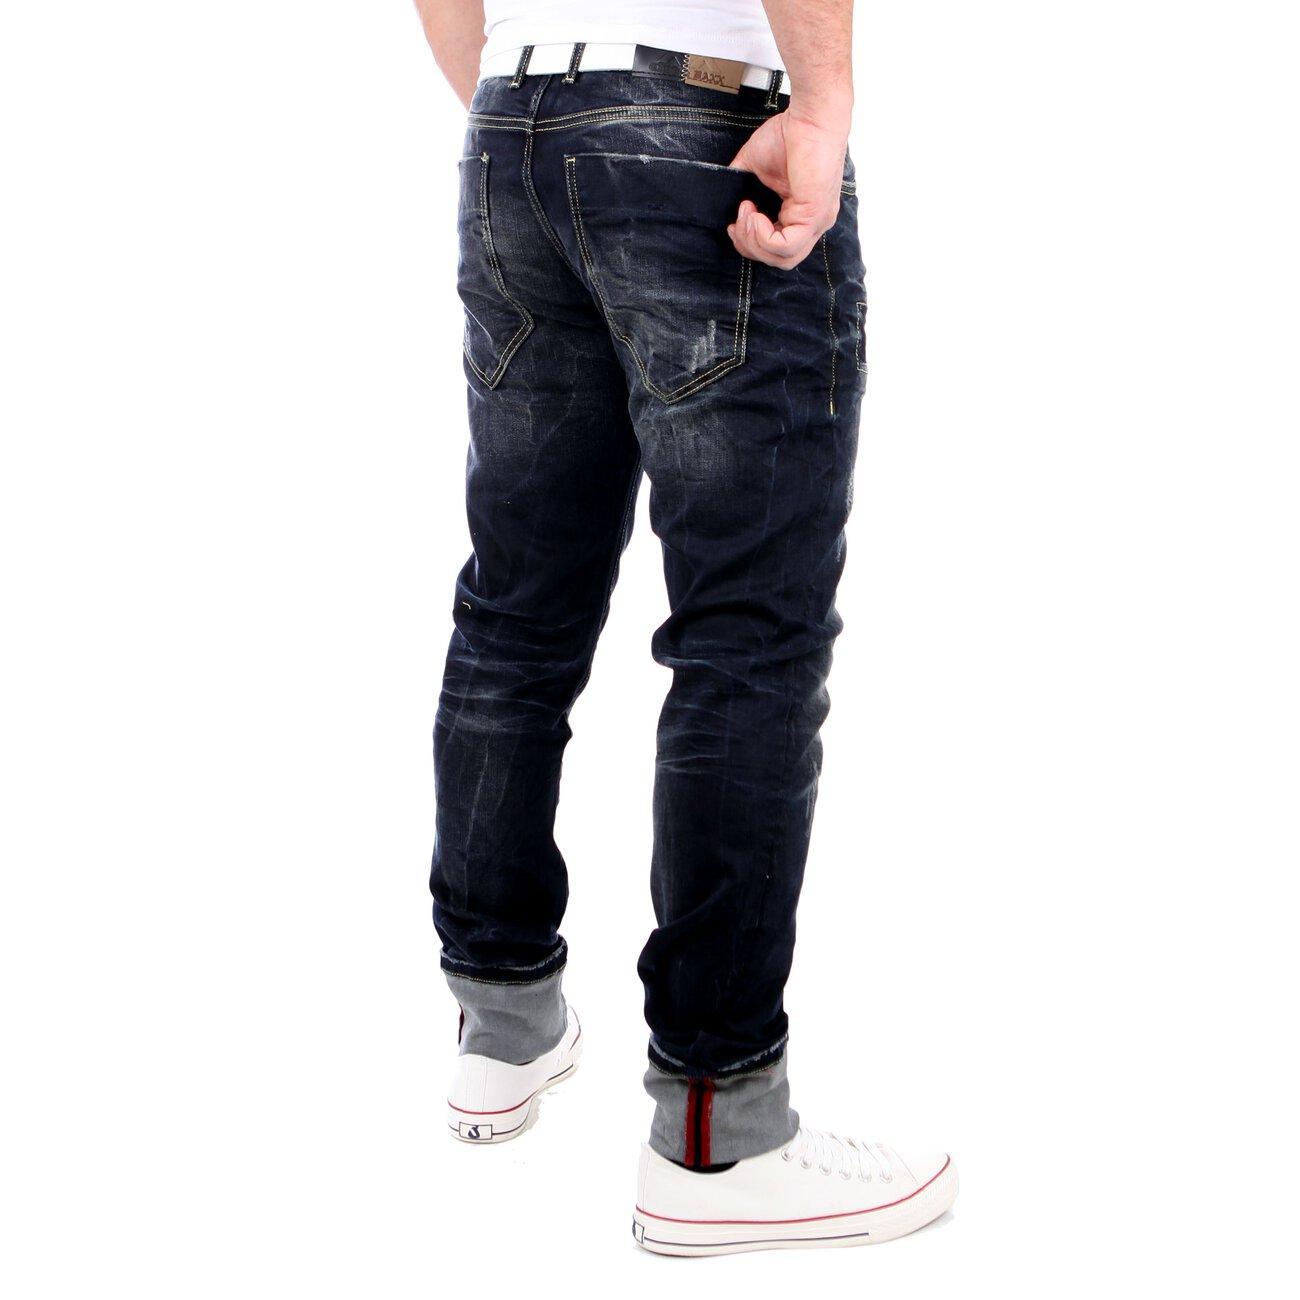 cipo baxx jeans patched regular fit jeanshose cd 201 blau. Black Bedroom Furniture Sets. Home Design Ideas